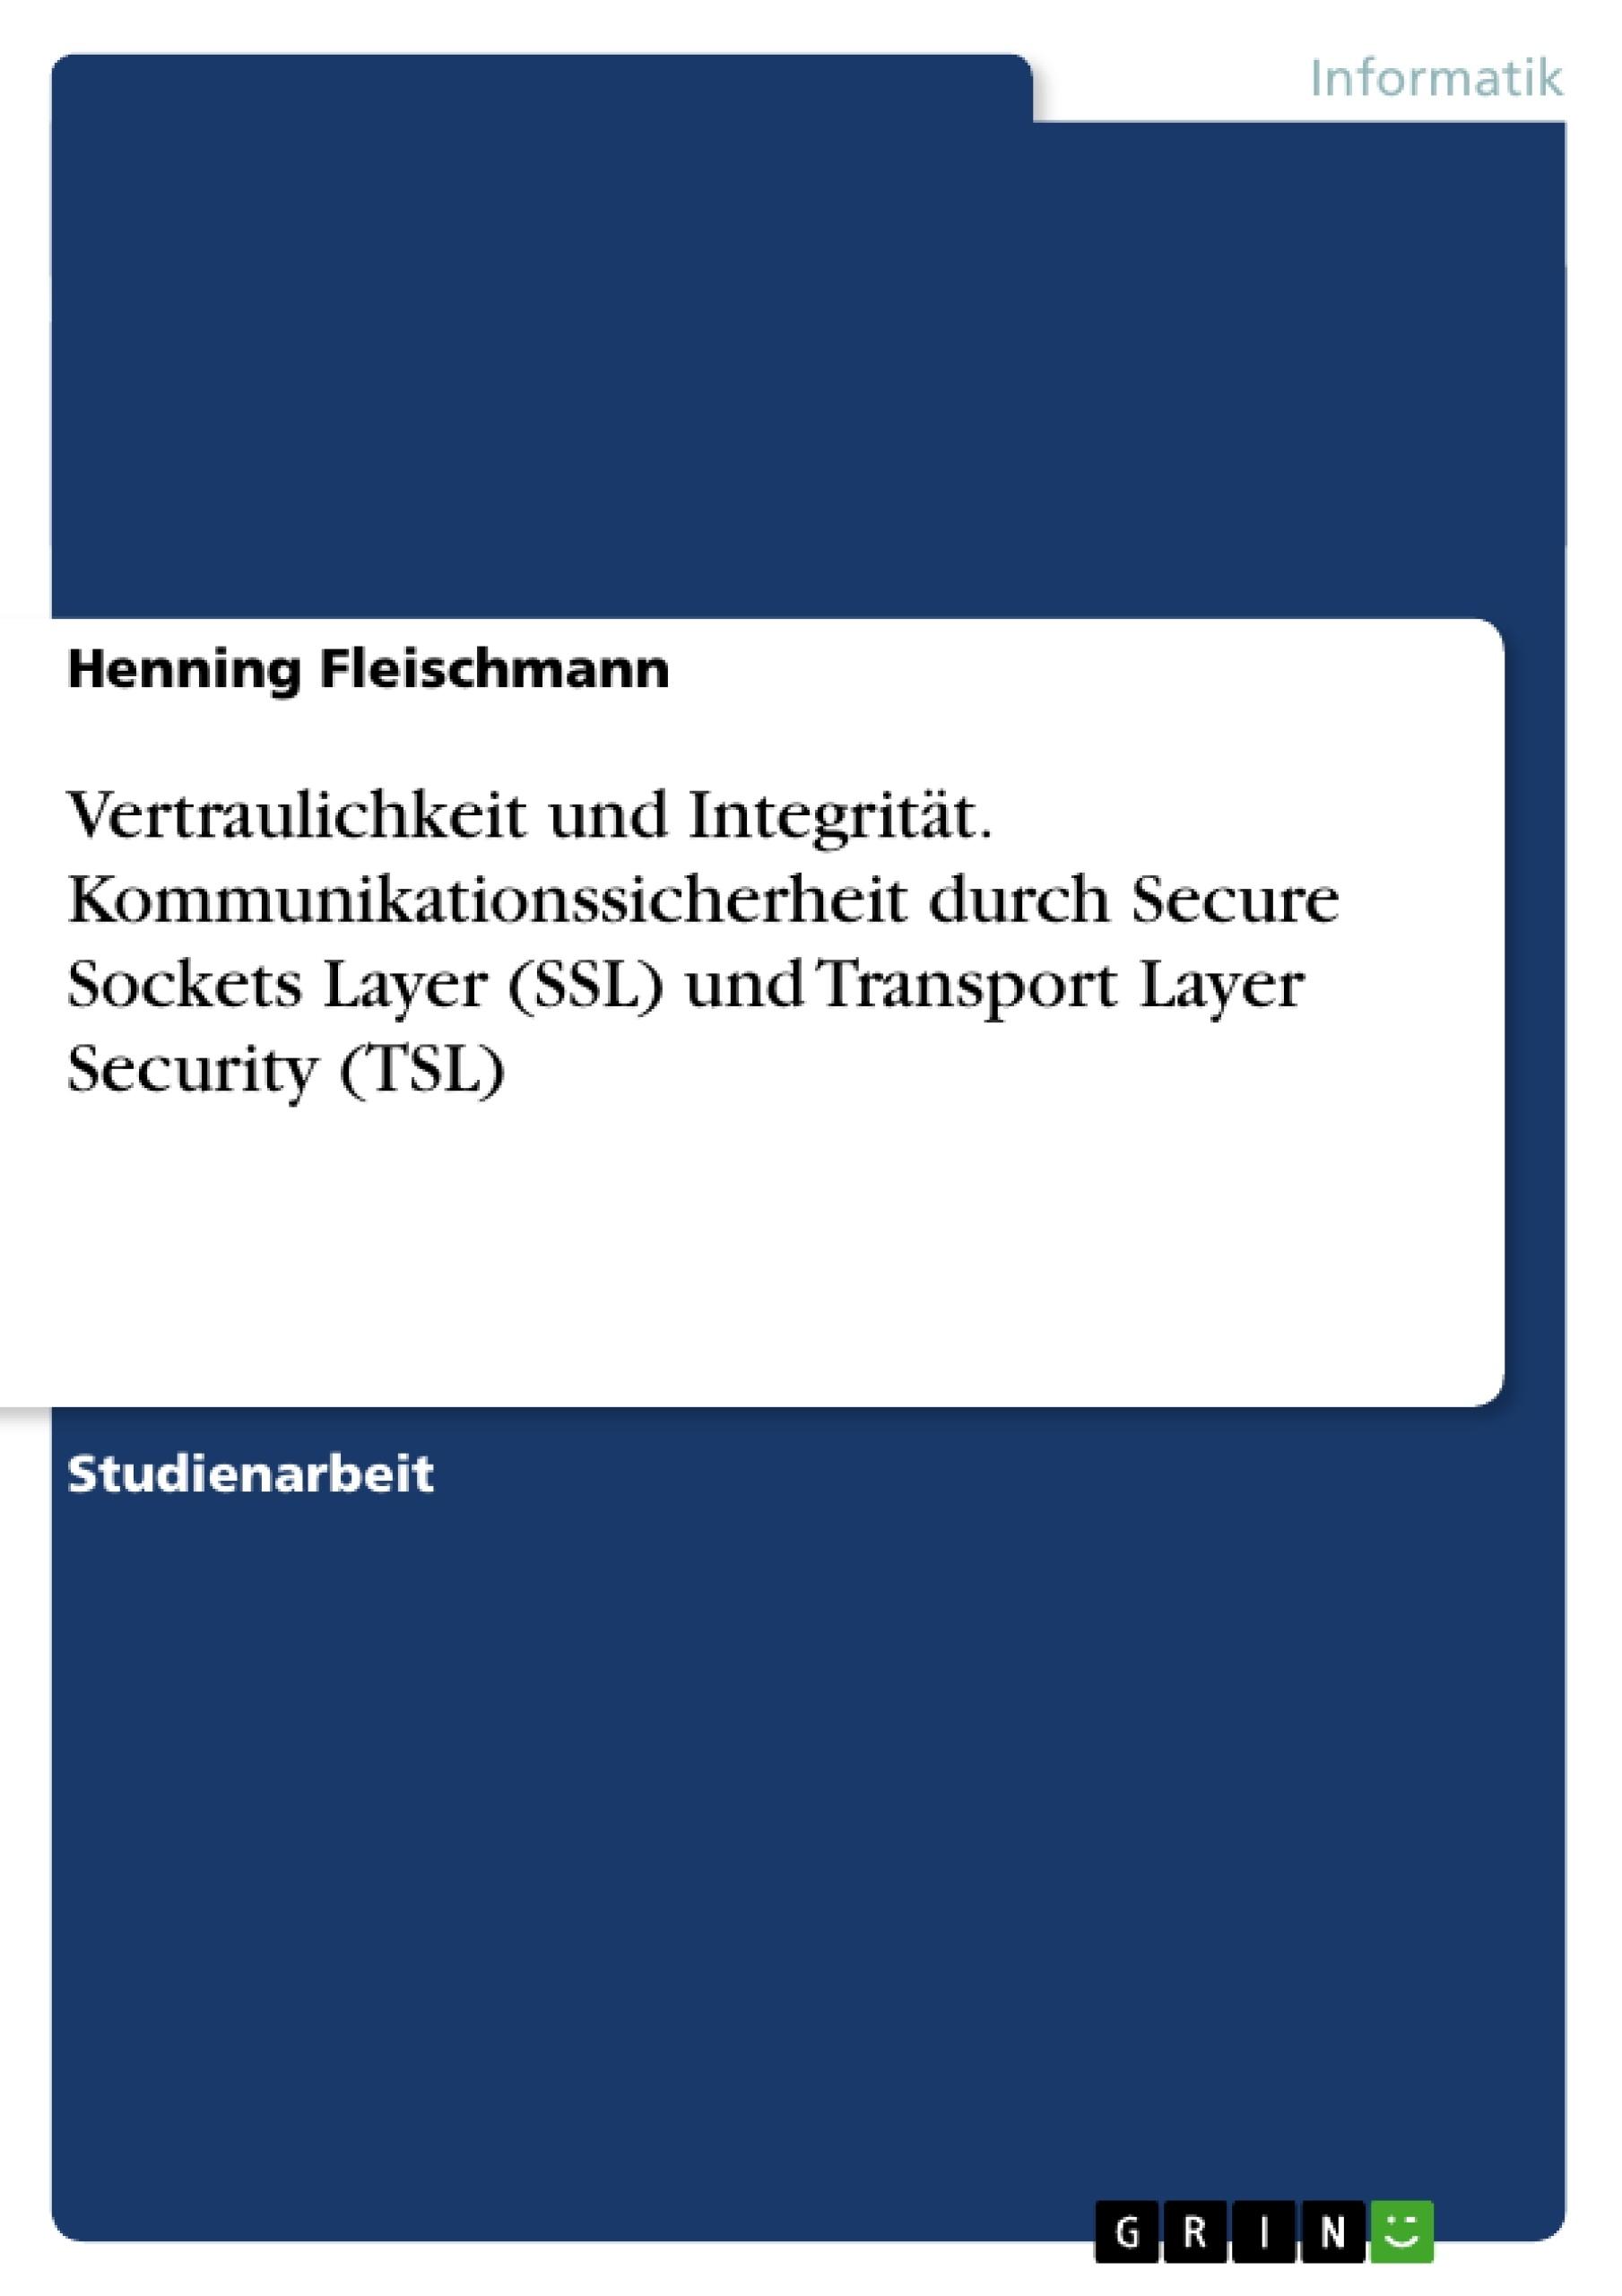 Titel: Vertraulichkeit und Integrität. Kommunikationssicherheit durch Secure Sockets Layer (SSL) und Transport Layer Security (TSL)